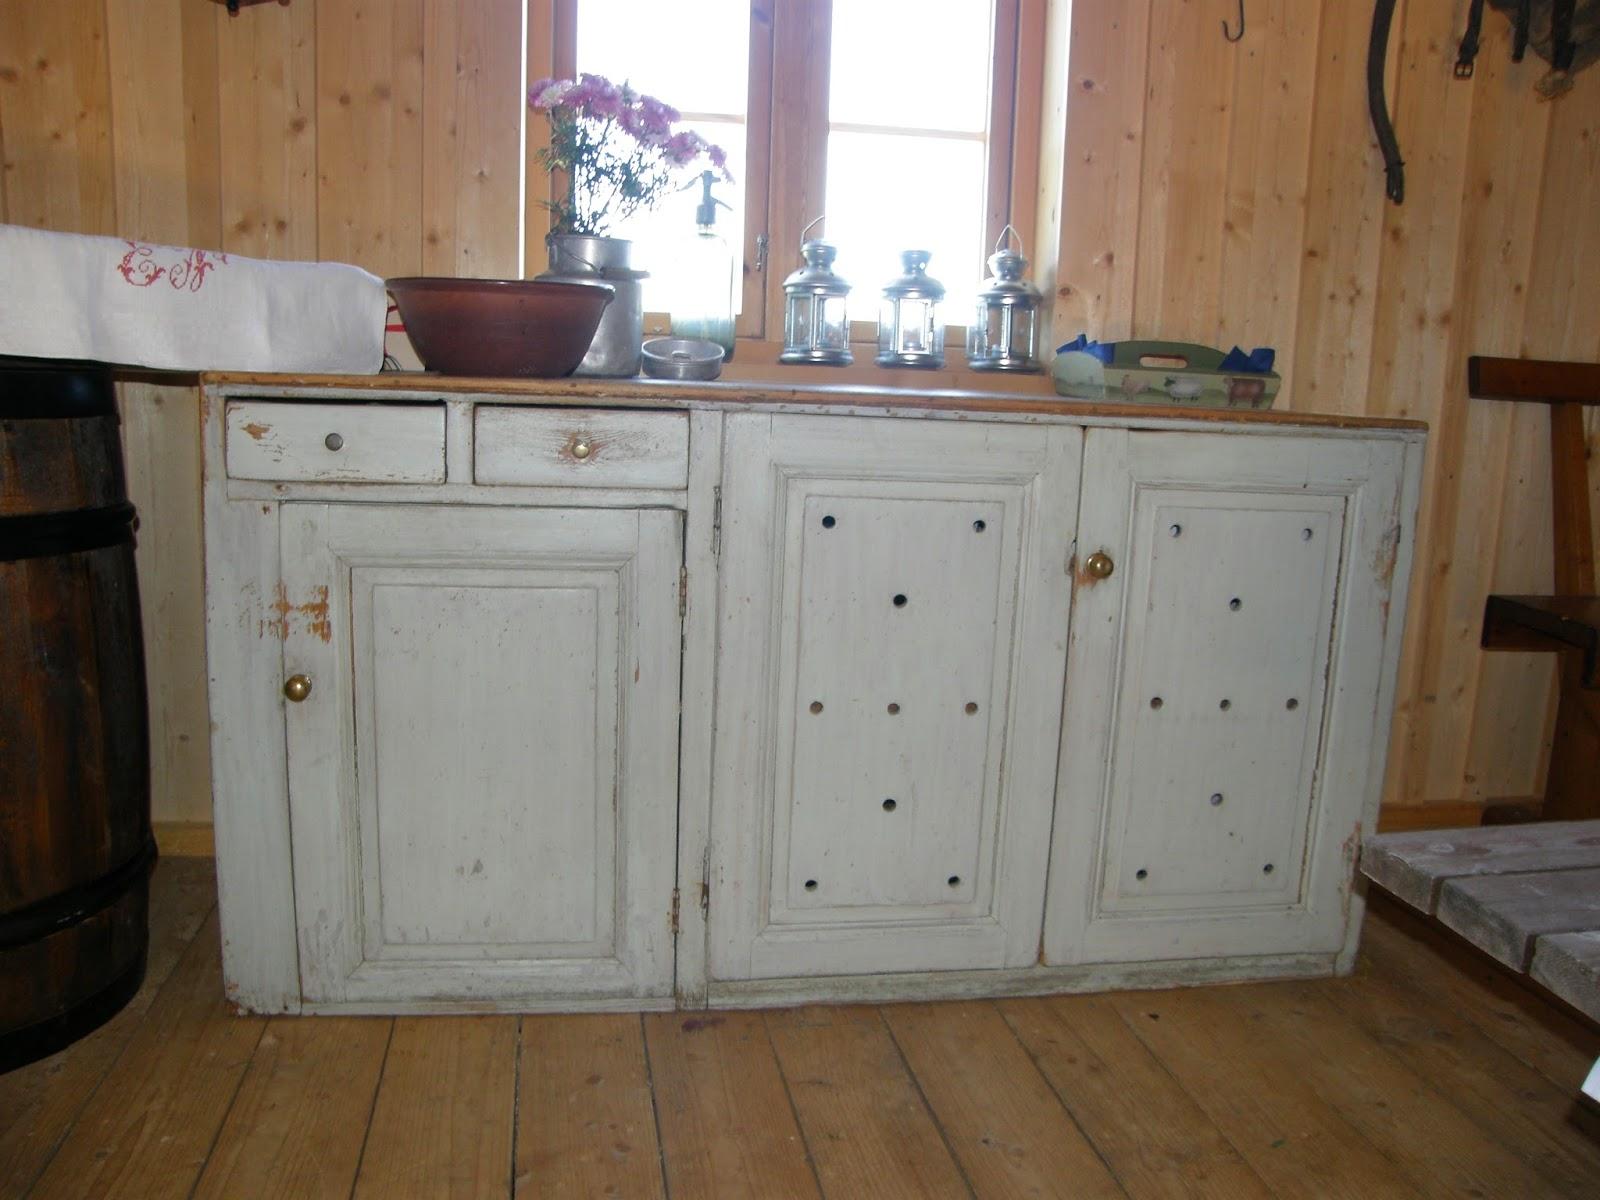 Benkeplater til kjøkken: kjøkken med benkeplater i stein ? nr ...